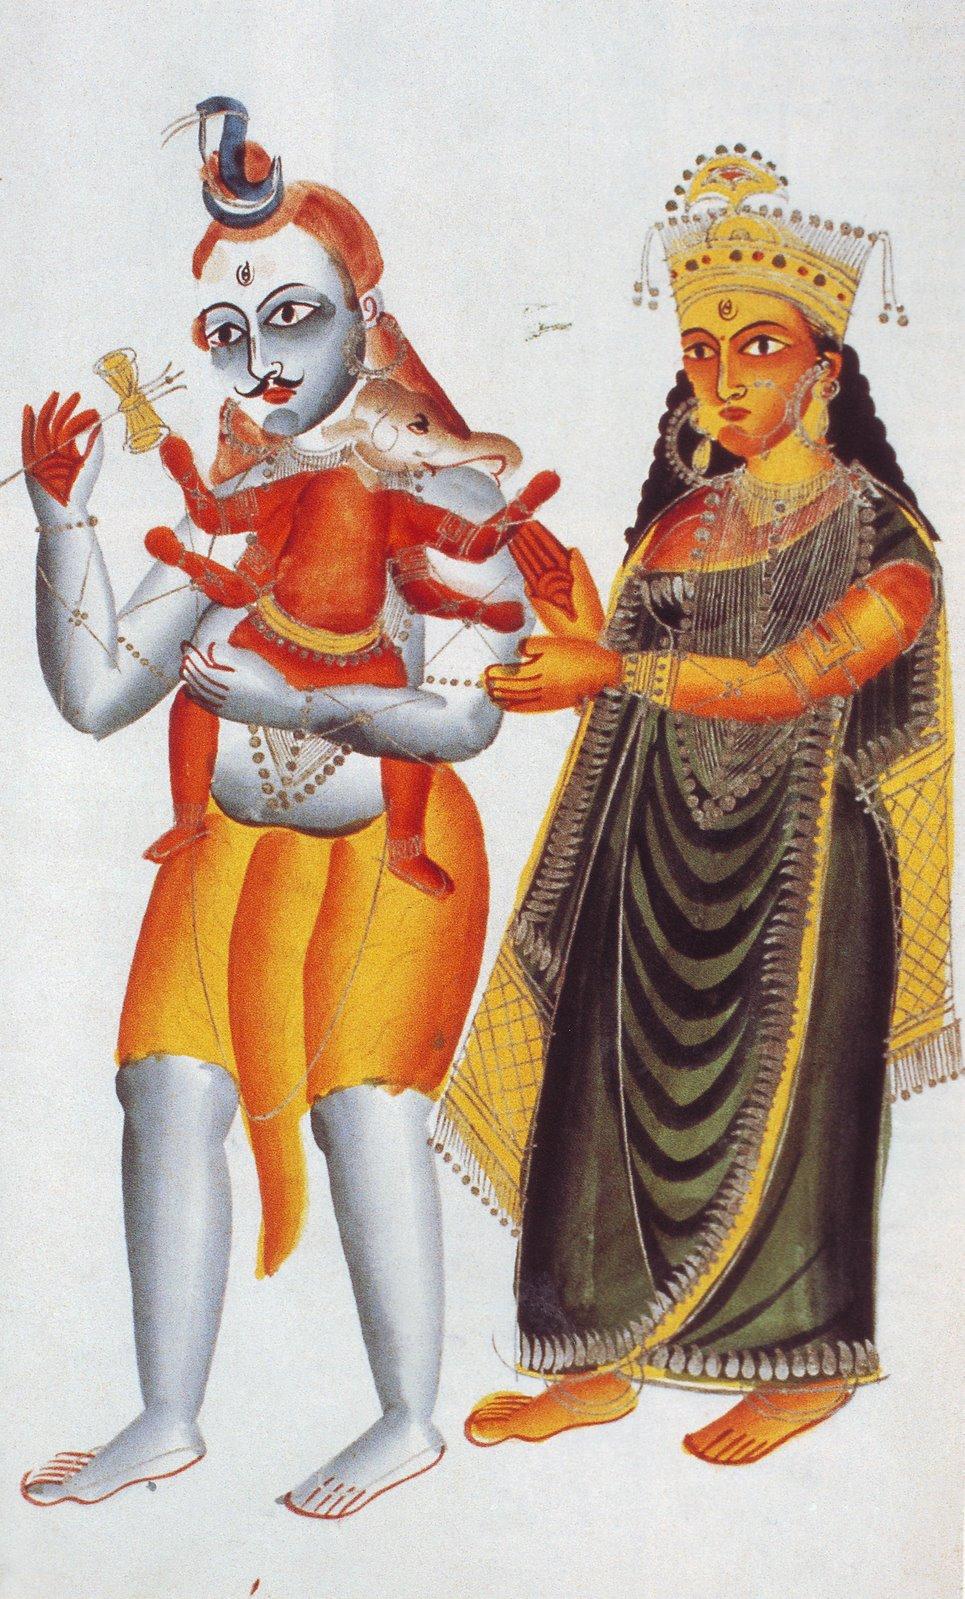 [Shiva]